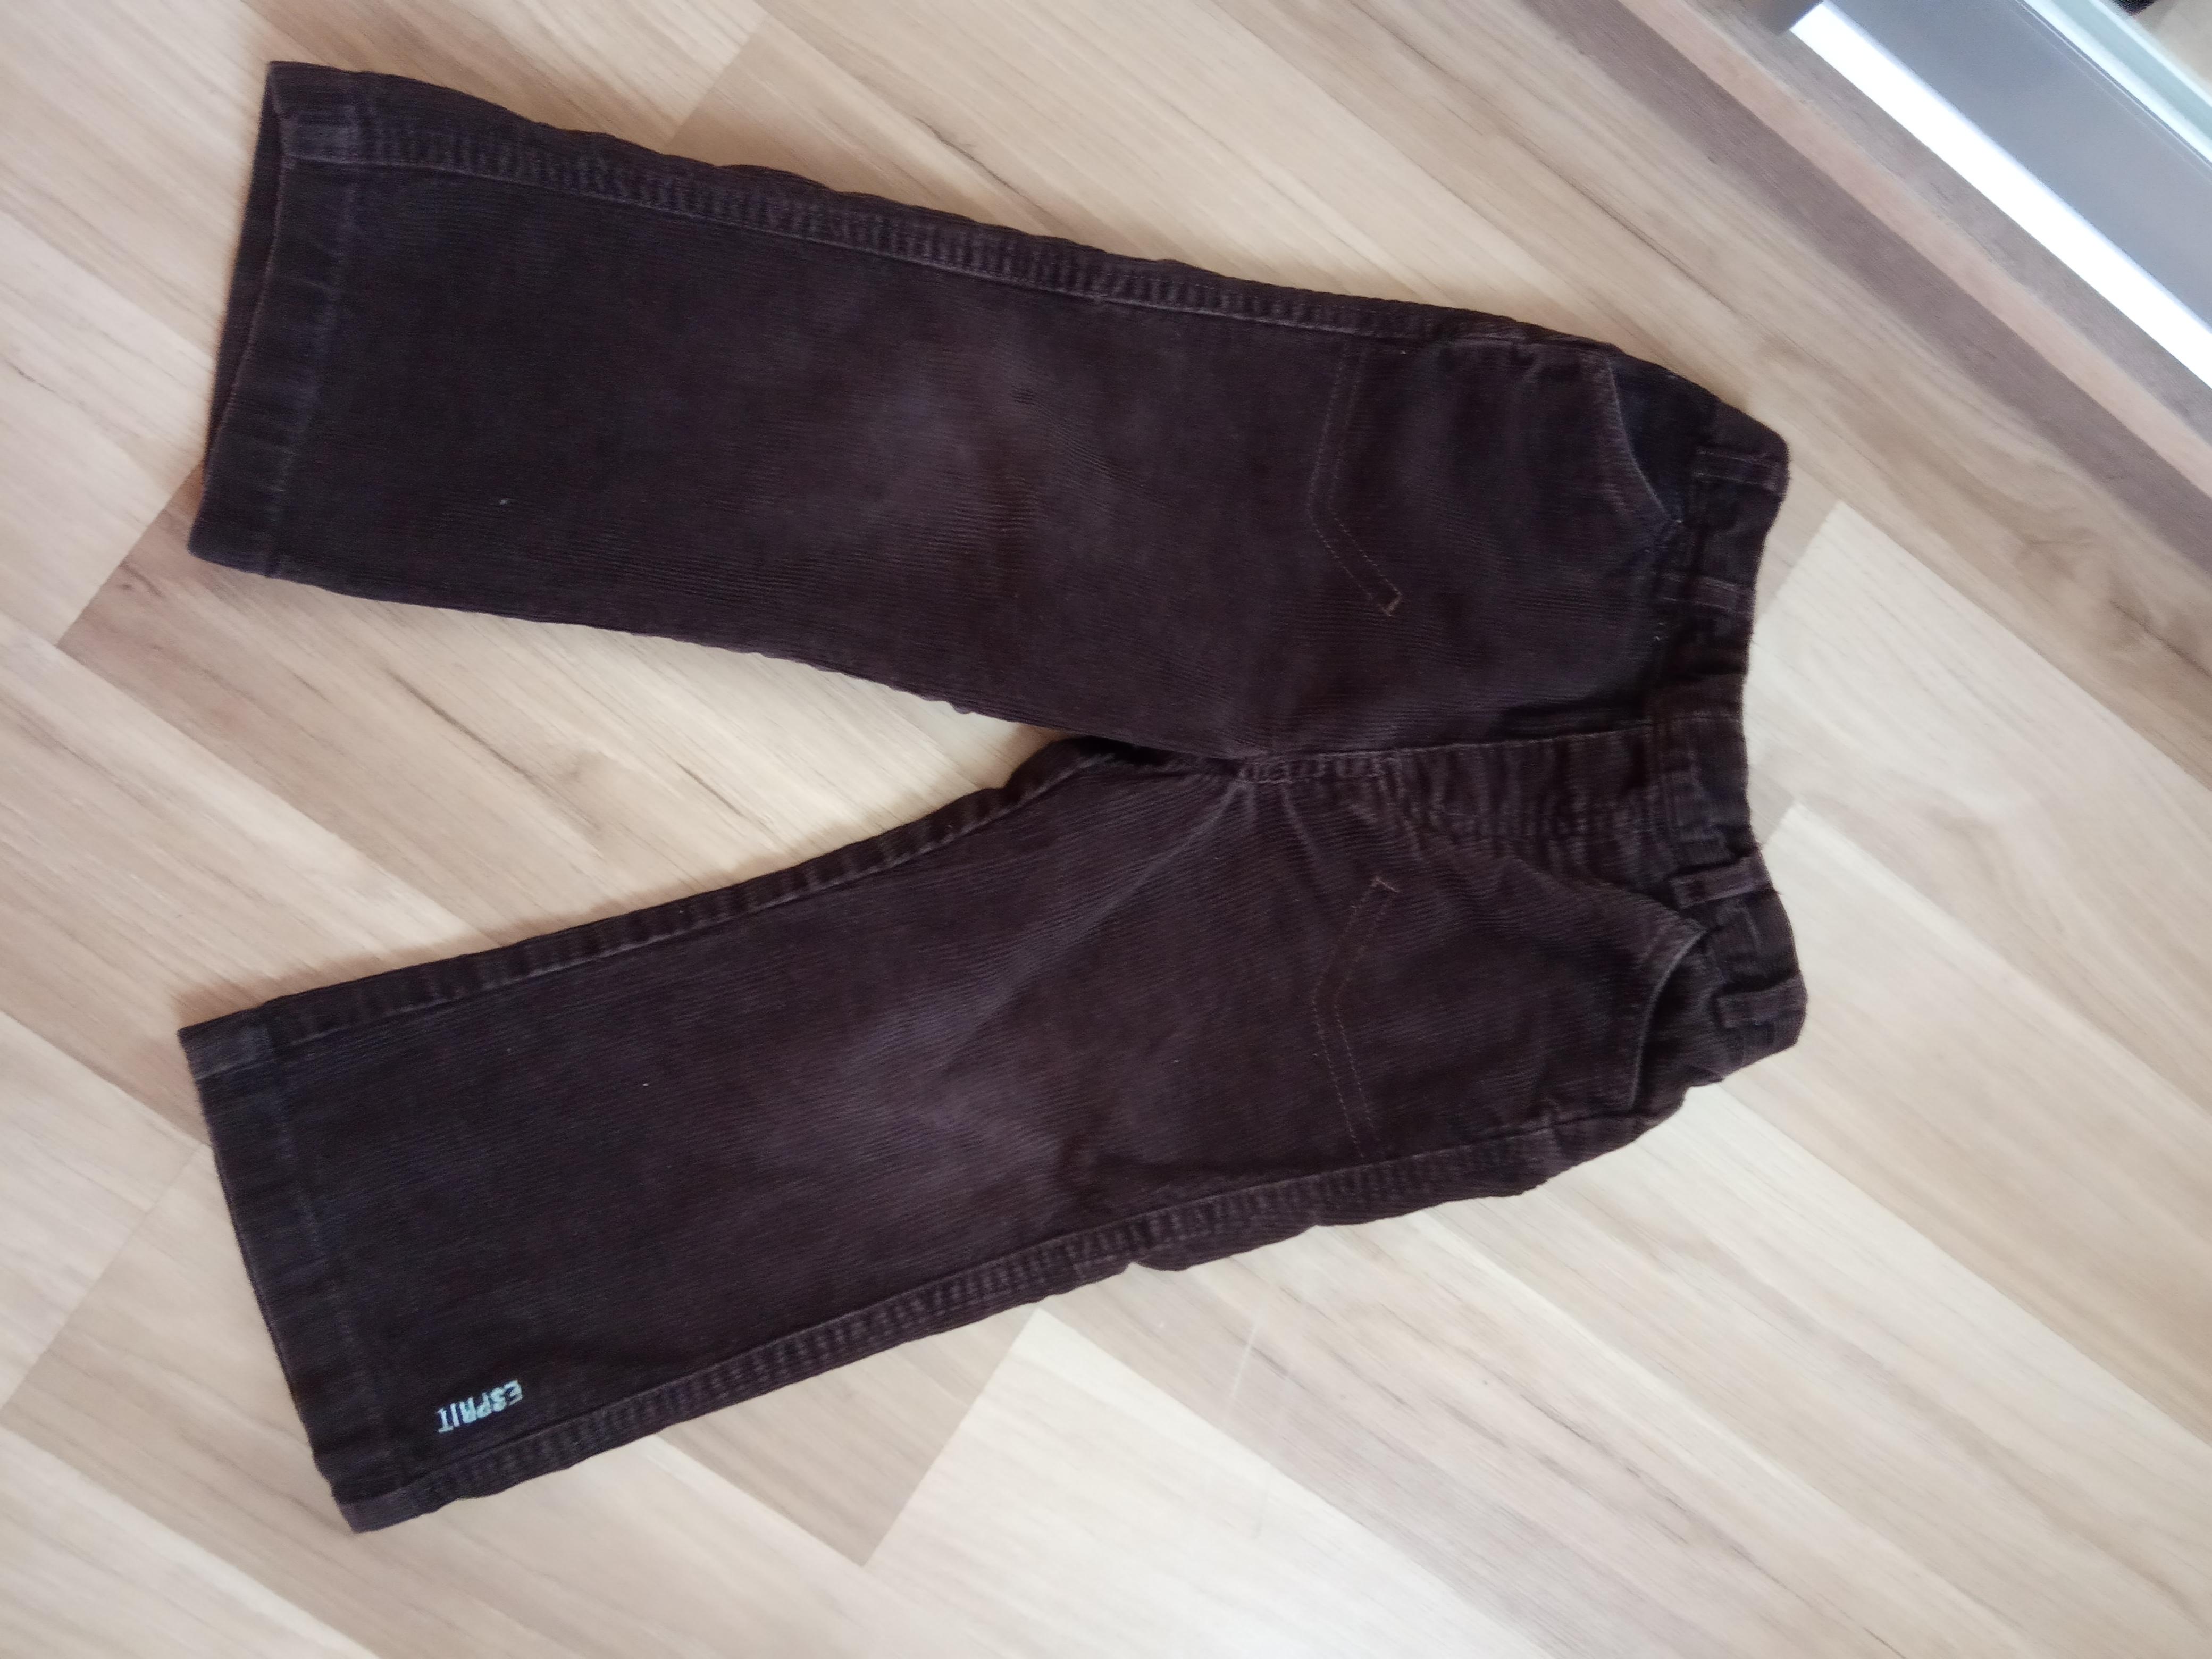 Гарні вільветові штанішки, стан чудовий, 10% знижка на УП